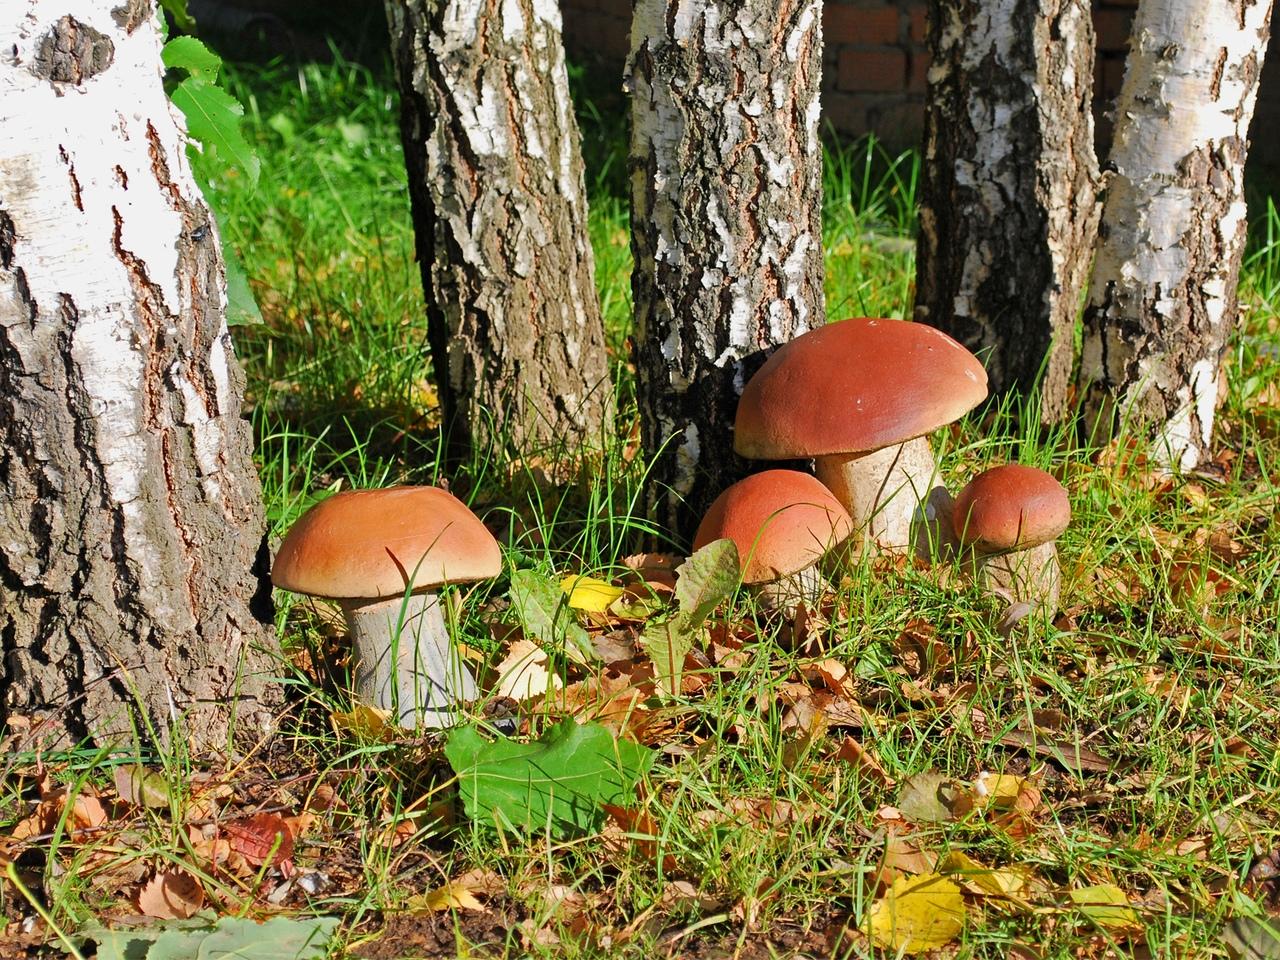 Картинки грибы в лесу для детей, хризантемы